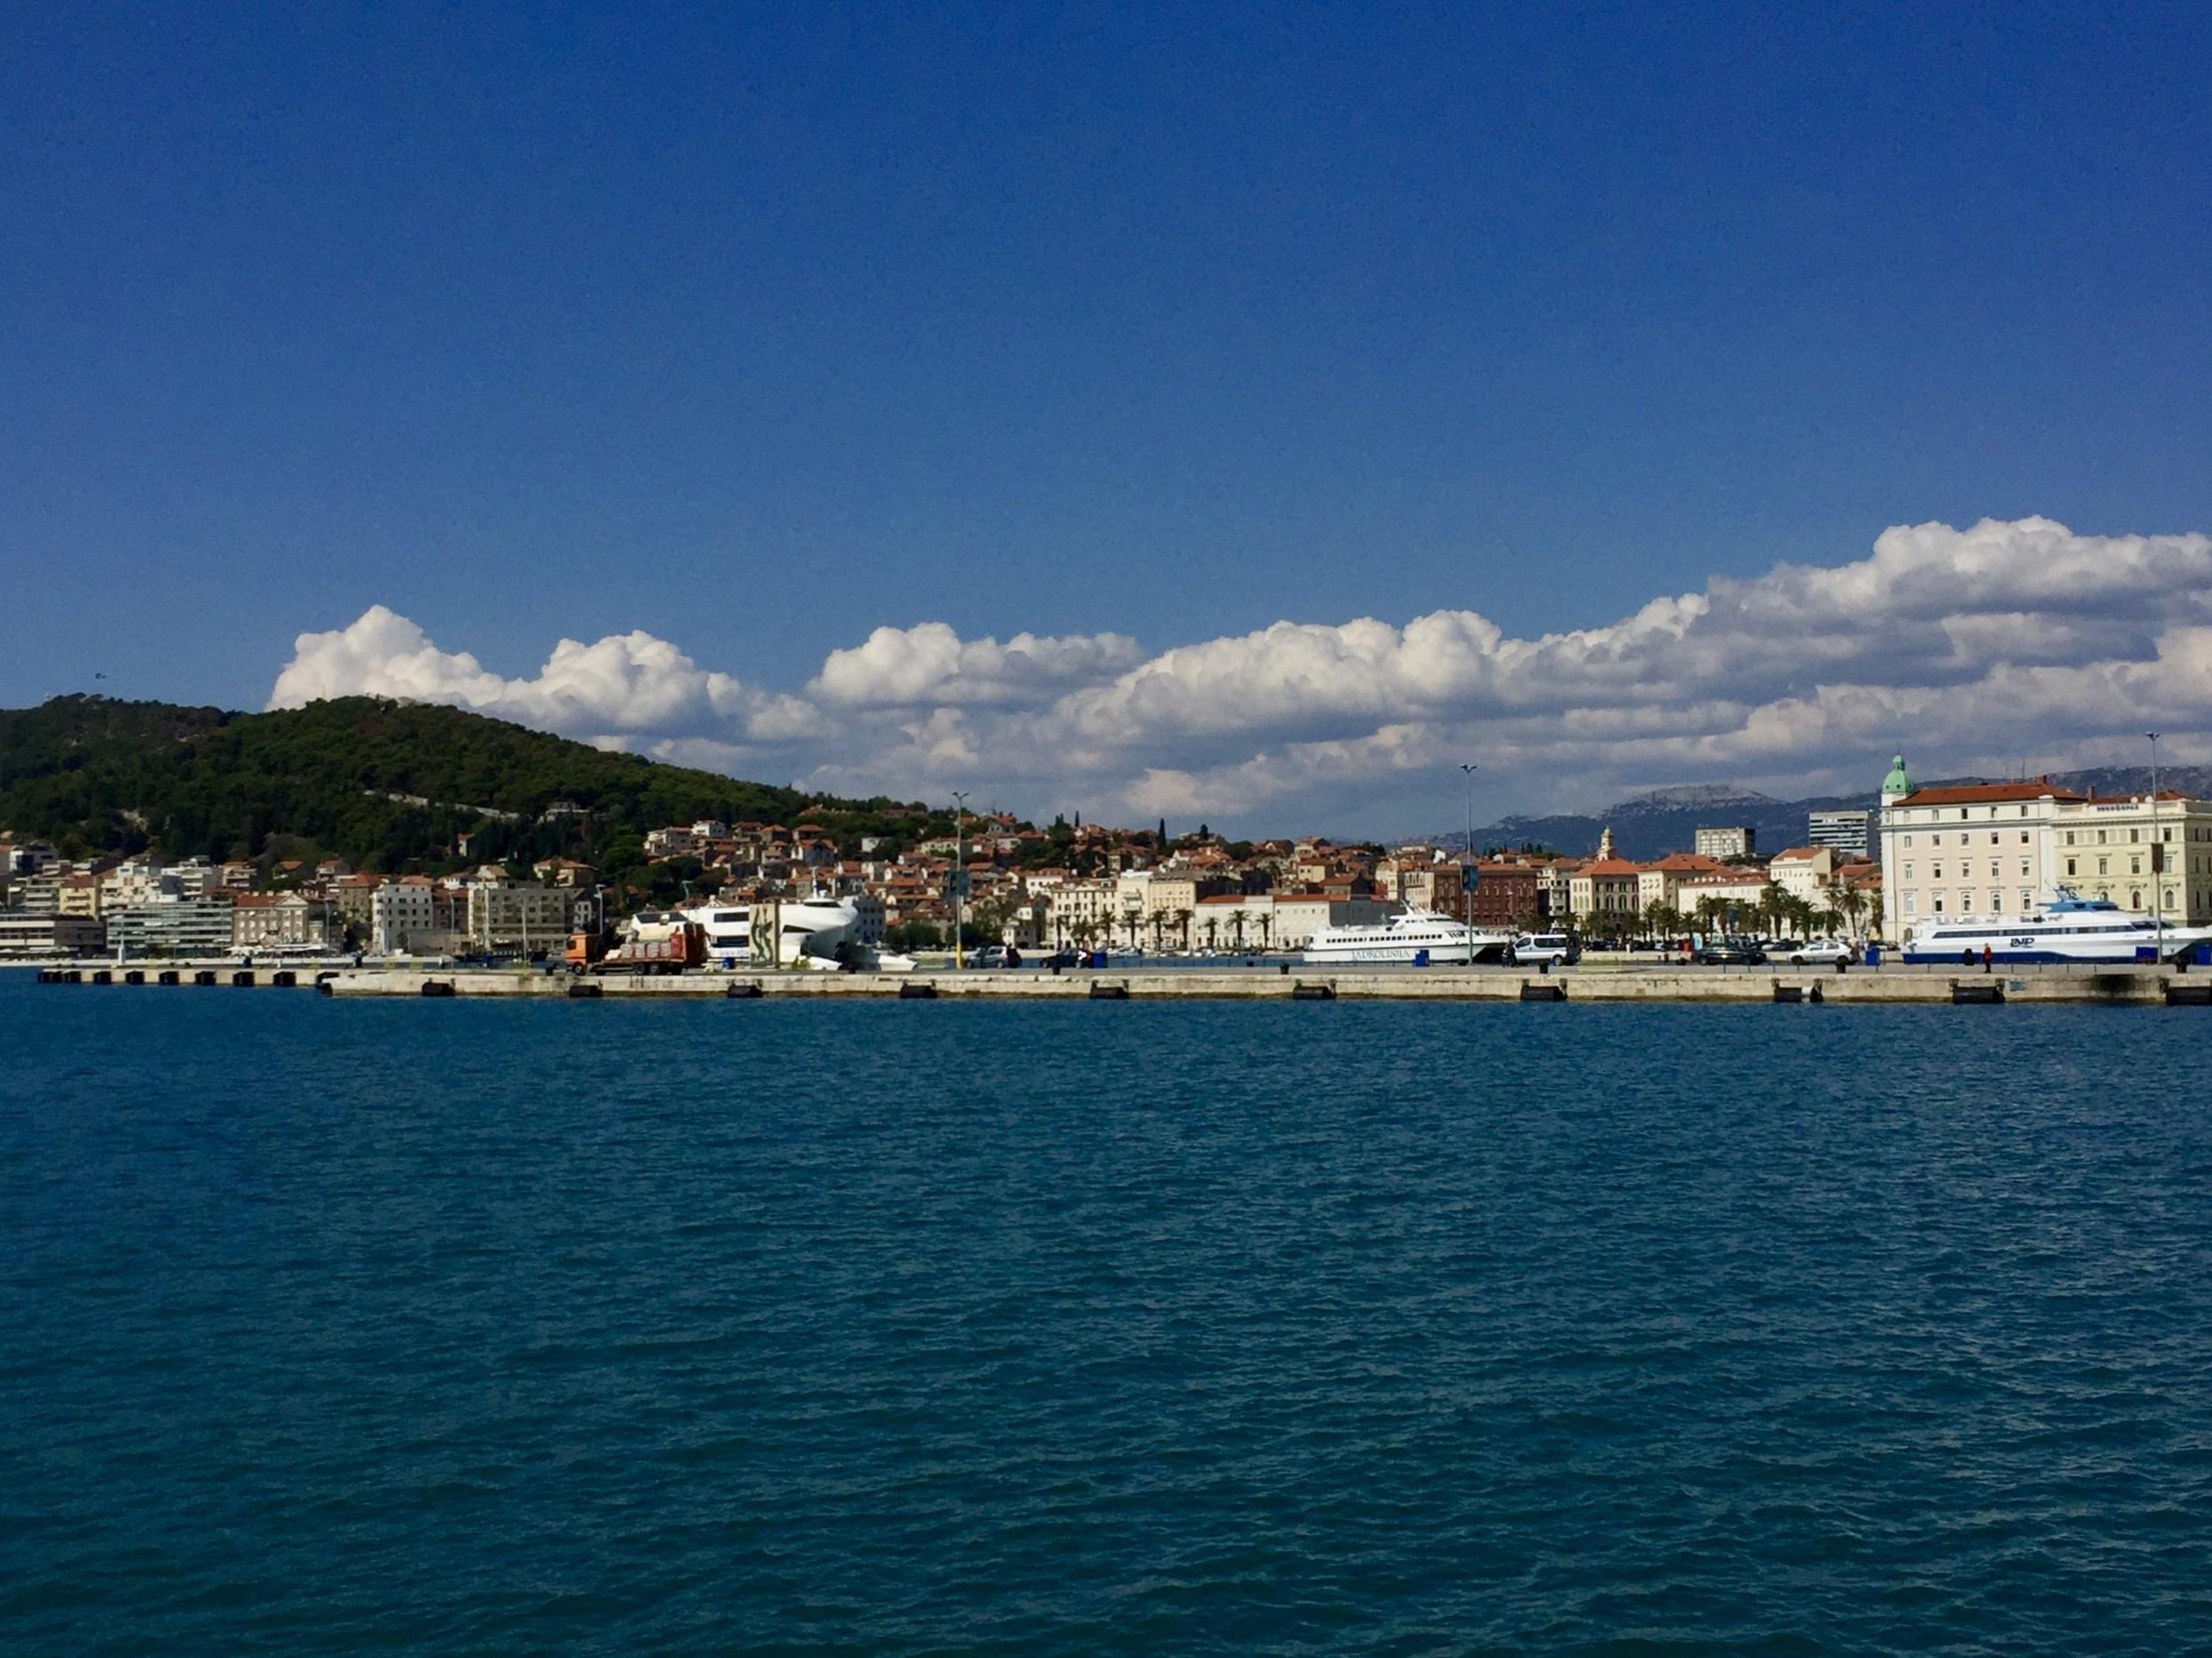 Arriving in Split